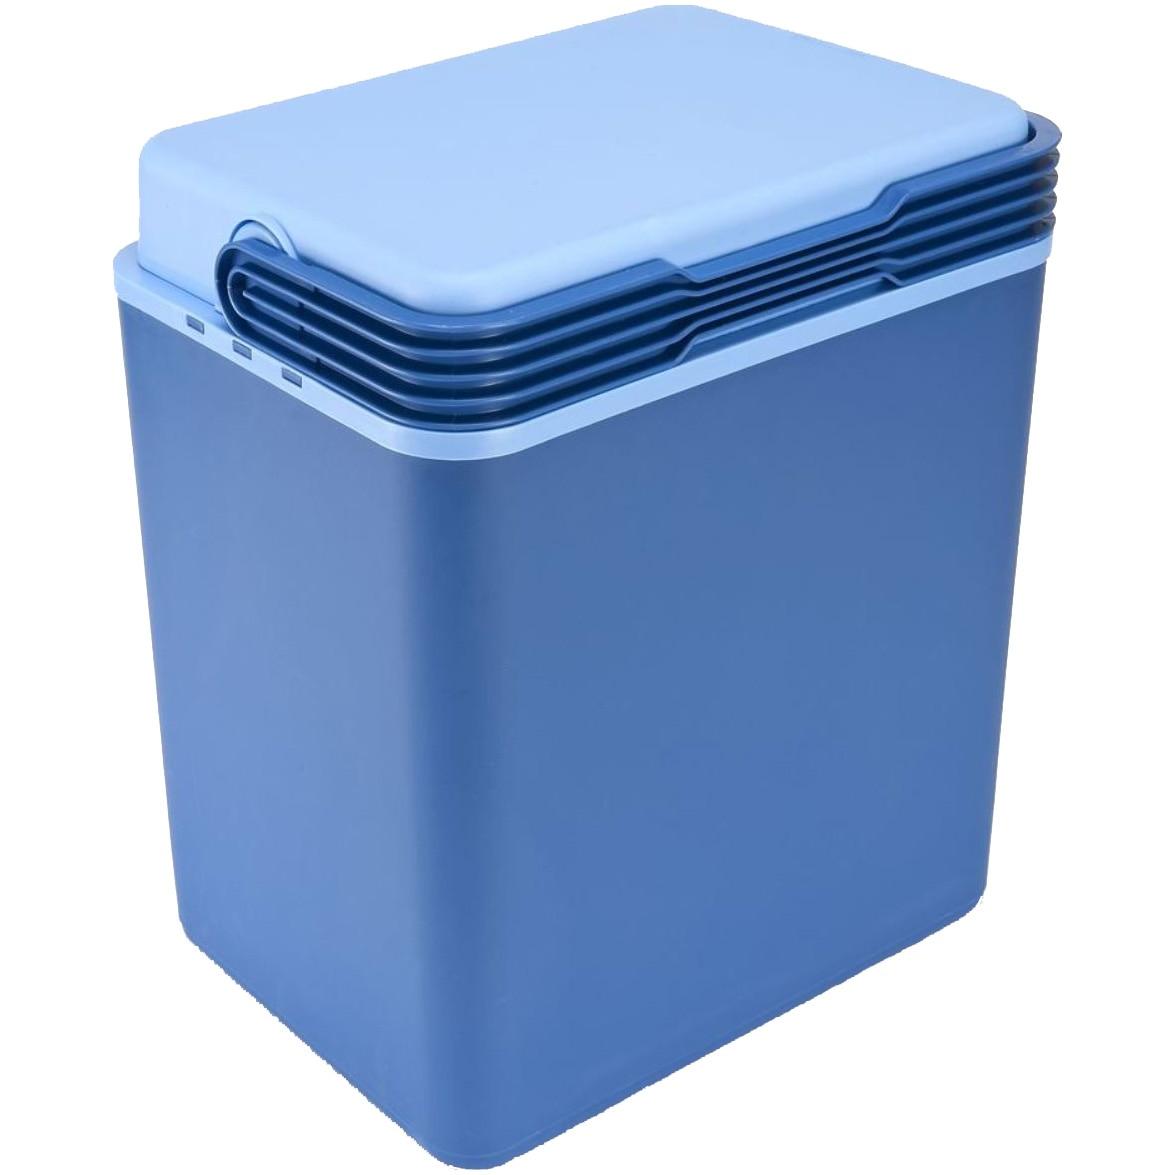 Fotografie Lada frigorifica pasiva Connabride, 32 litri